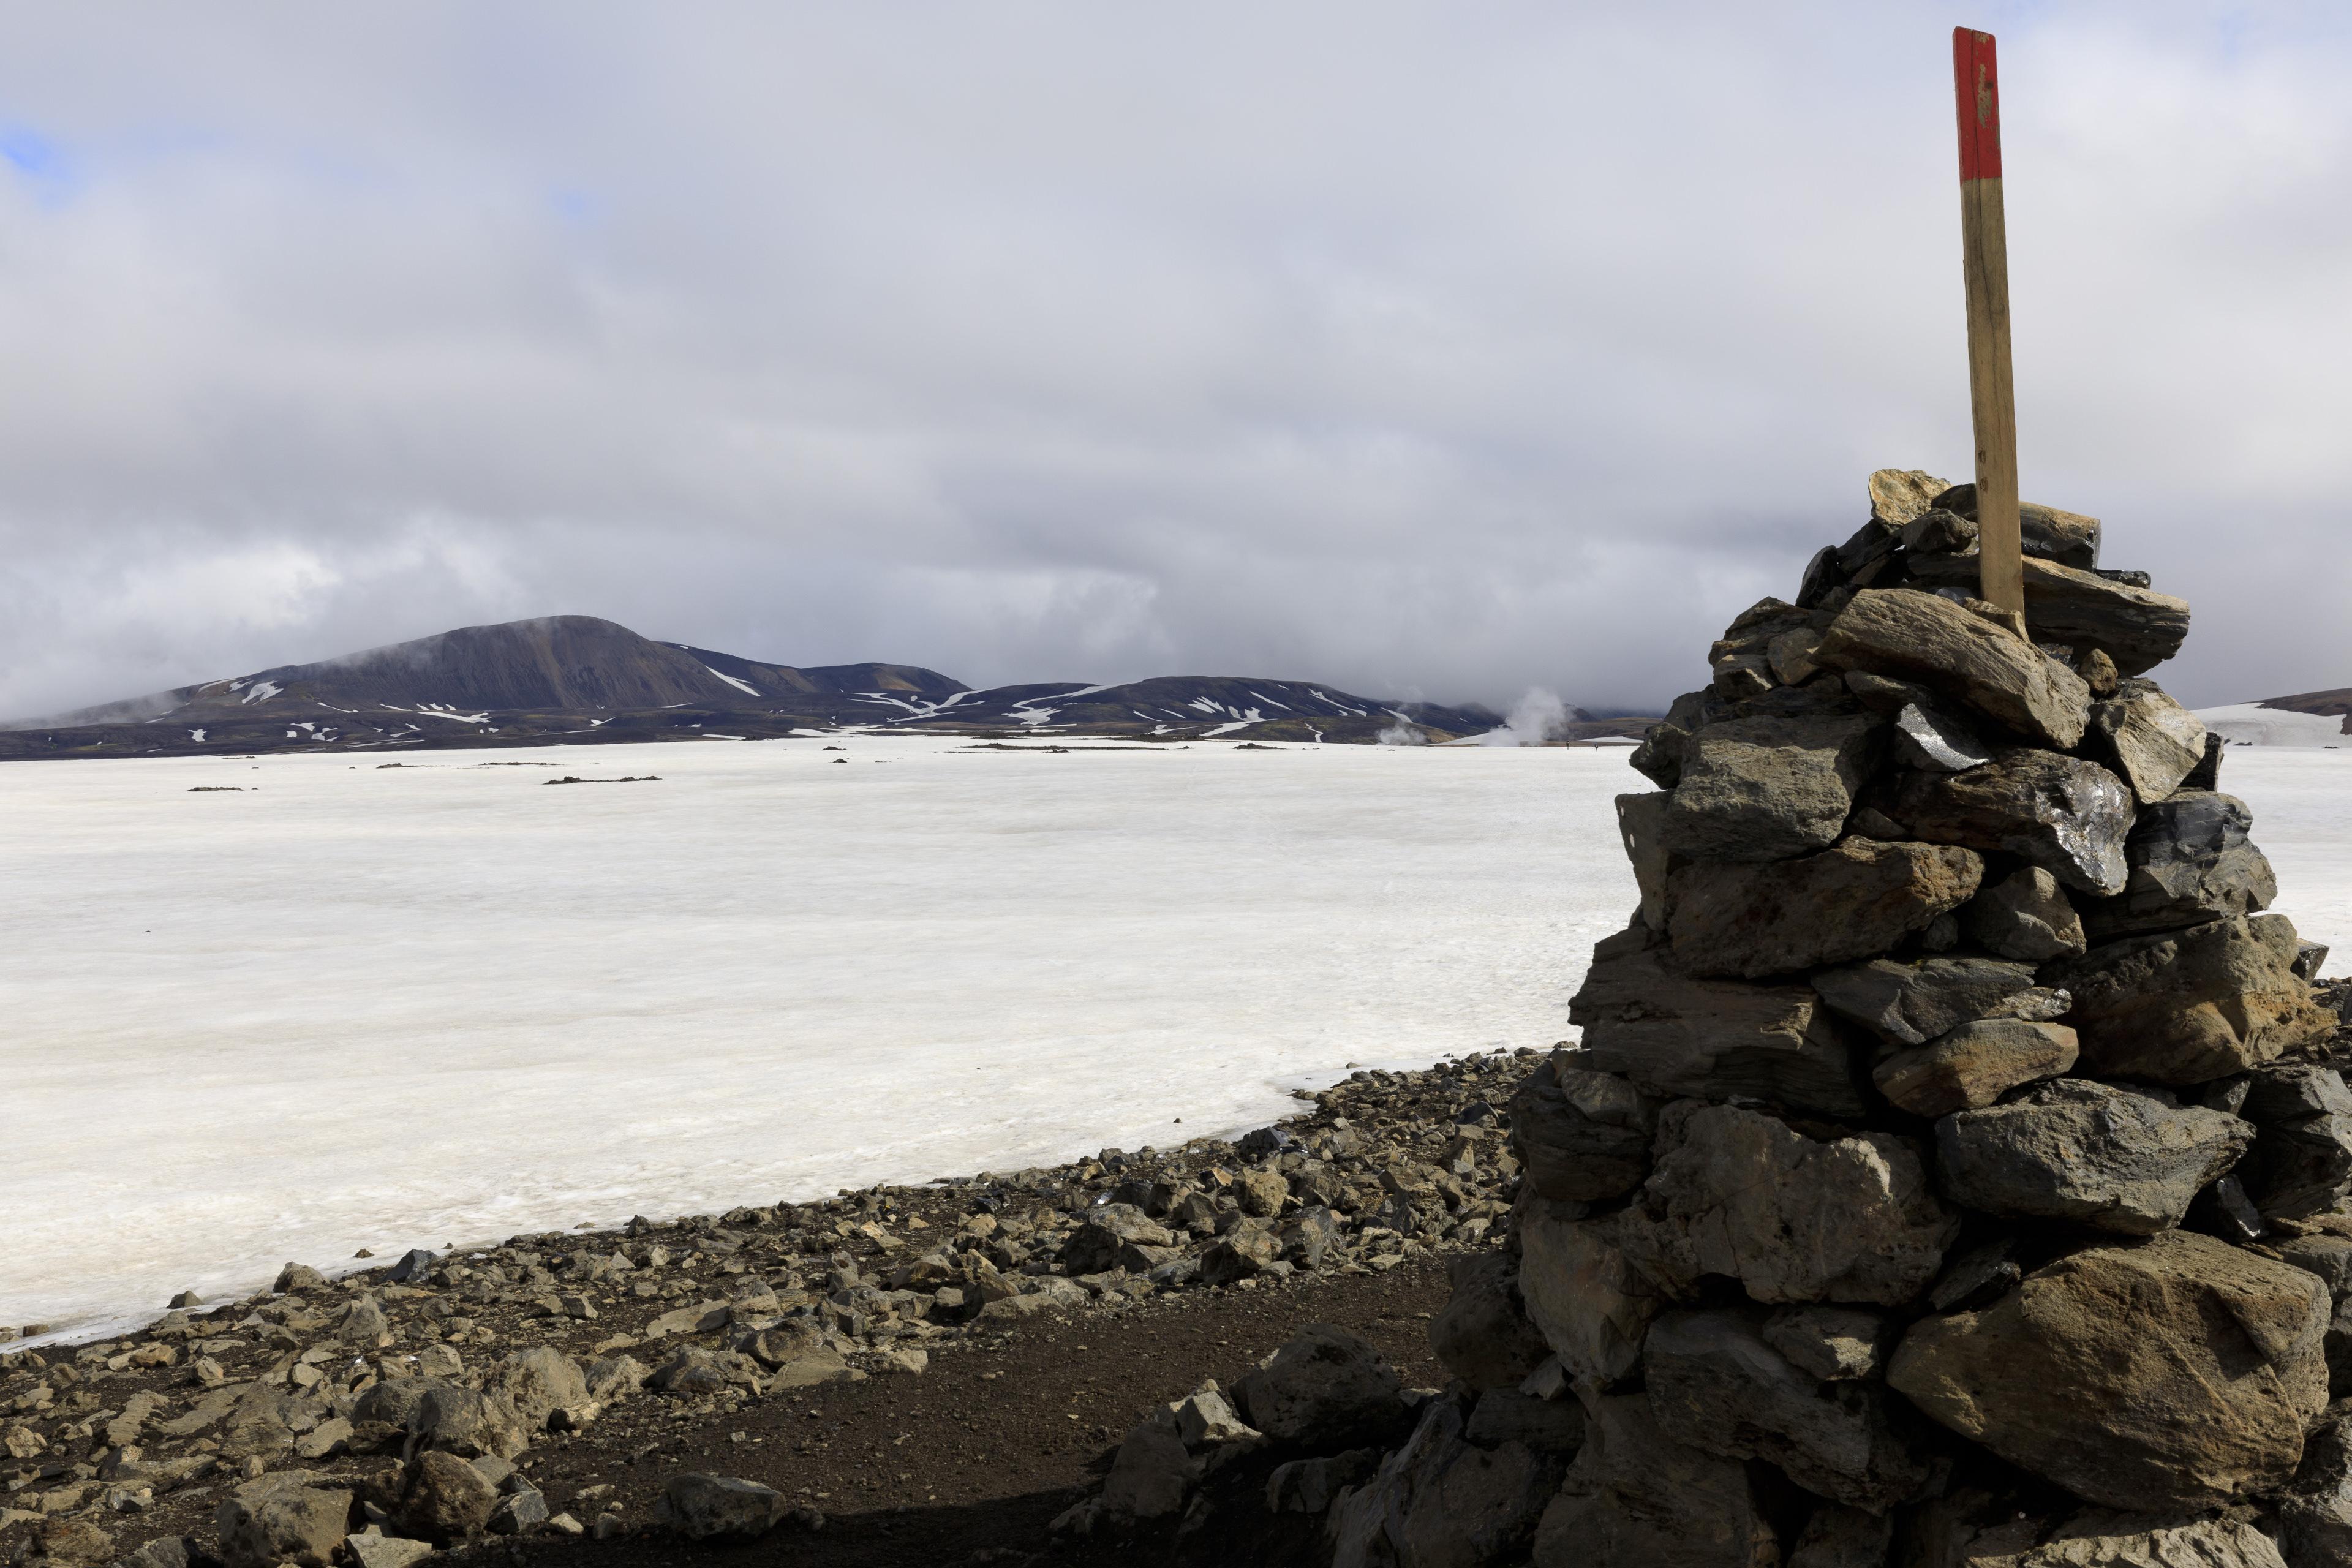 In der Ferne das Geothermalgebiet Stórihver,©Markus Proske—Canon EOS 5D Mark IV, EF16-35mm f/4L IS USM, 35mm, 1/320s, Blende 14, ISO 200